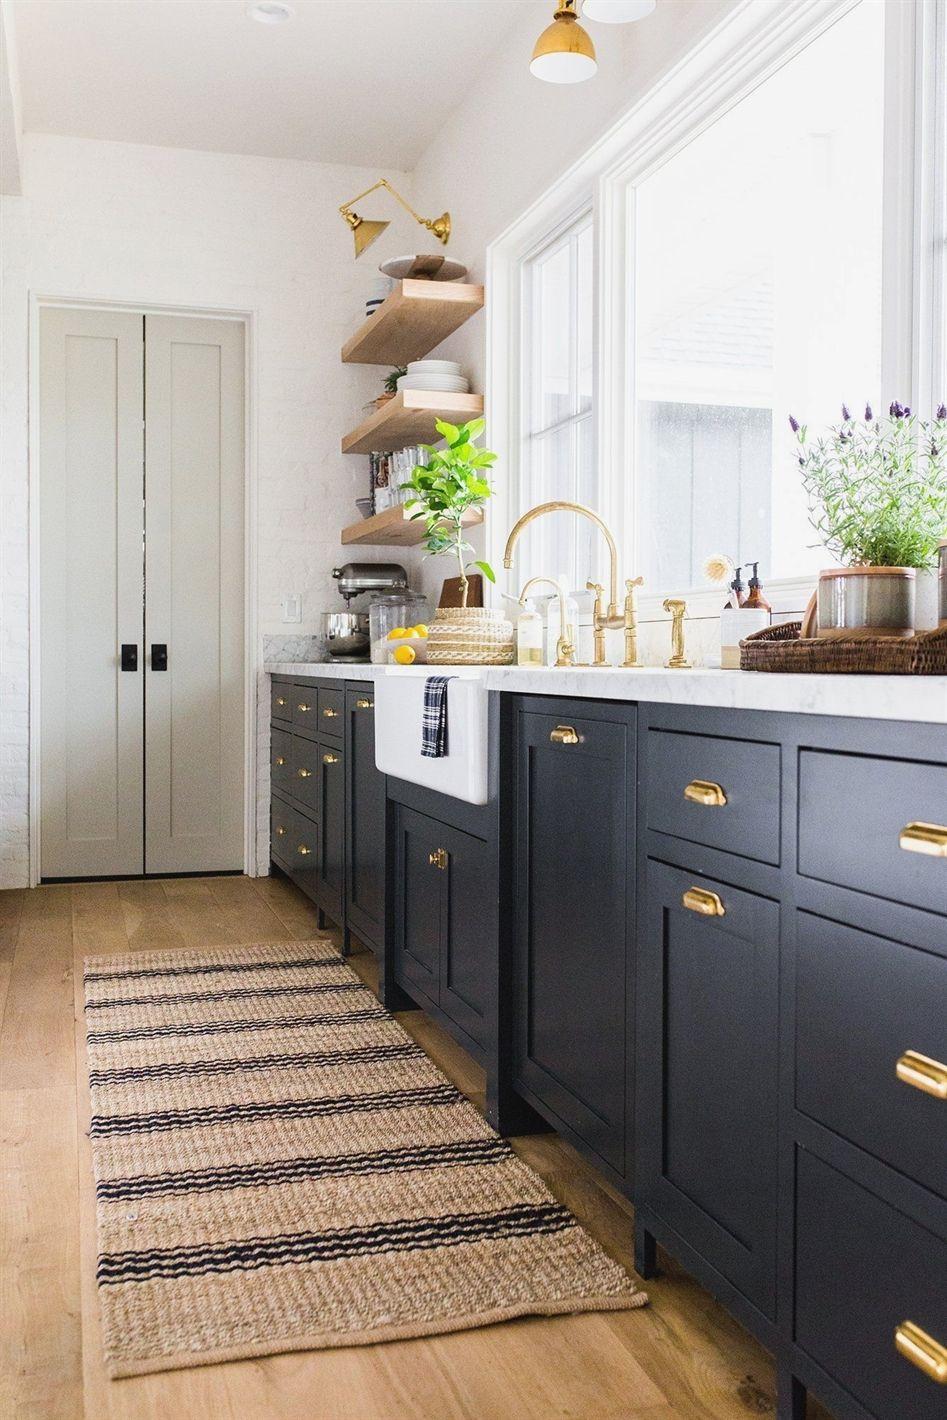 Jute Ticking Indigo Rug In 2020 Kitchen Design New Kitchen Cabinets Modern Kitchen